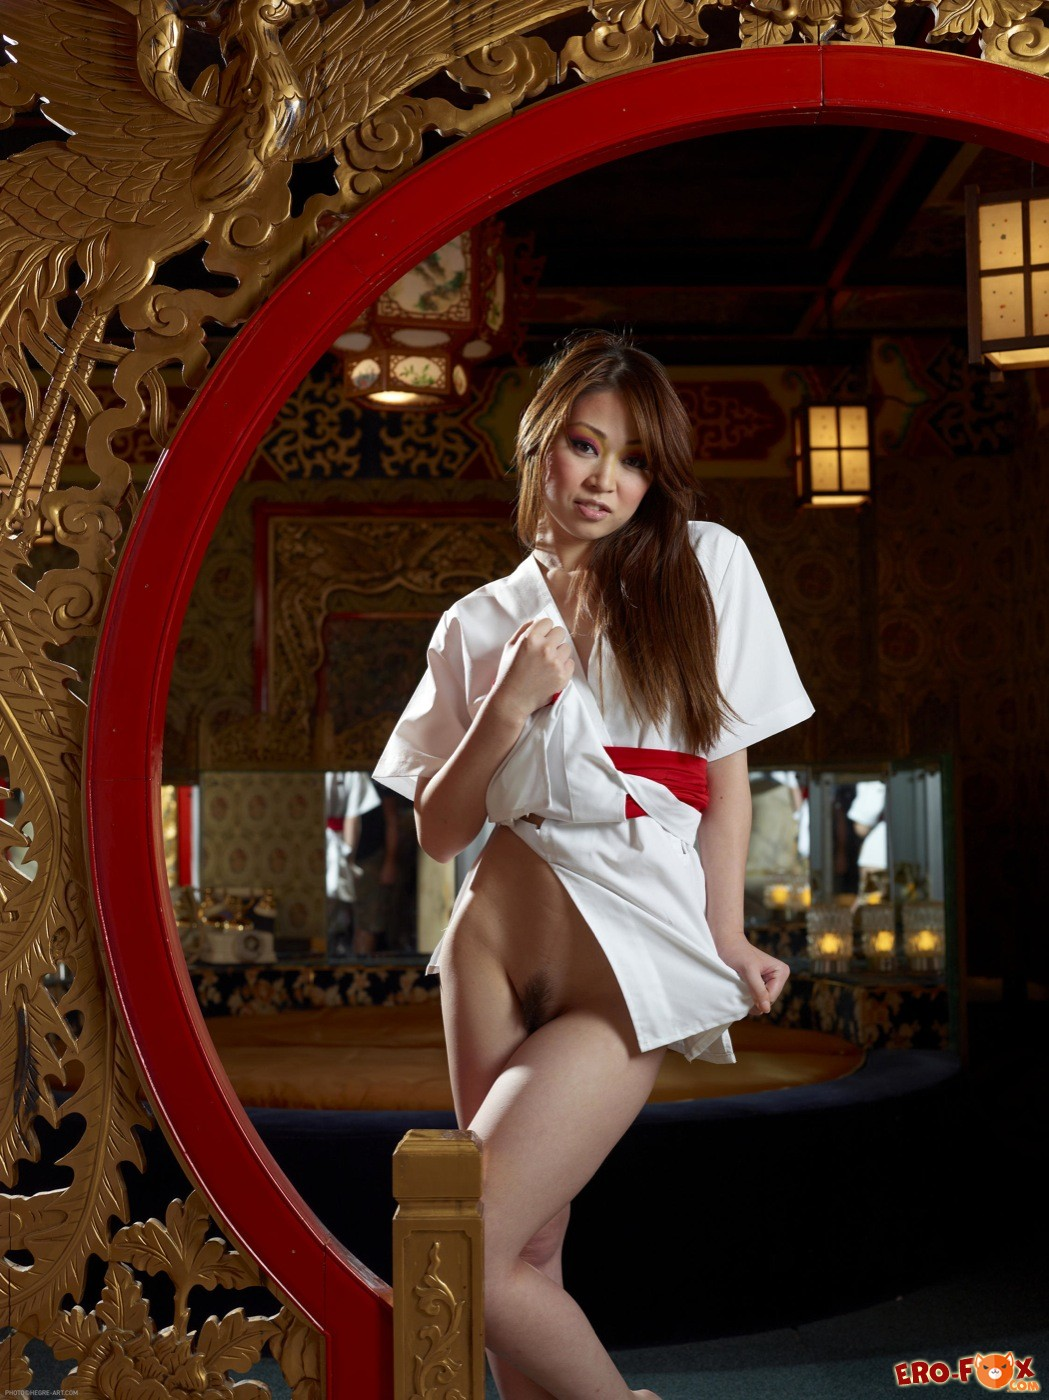 Обнажённая японка с упругой грудью - фото